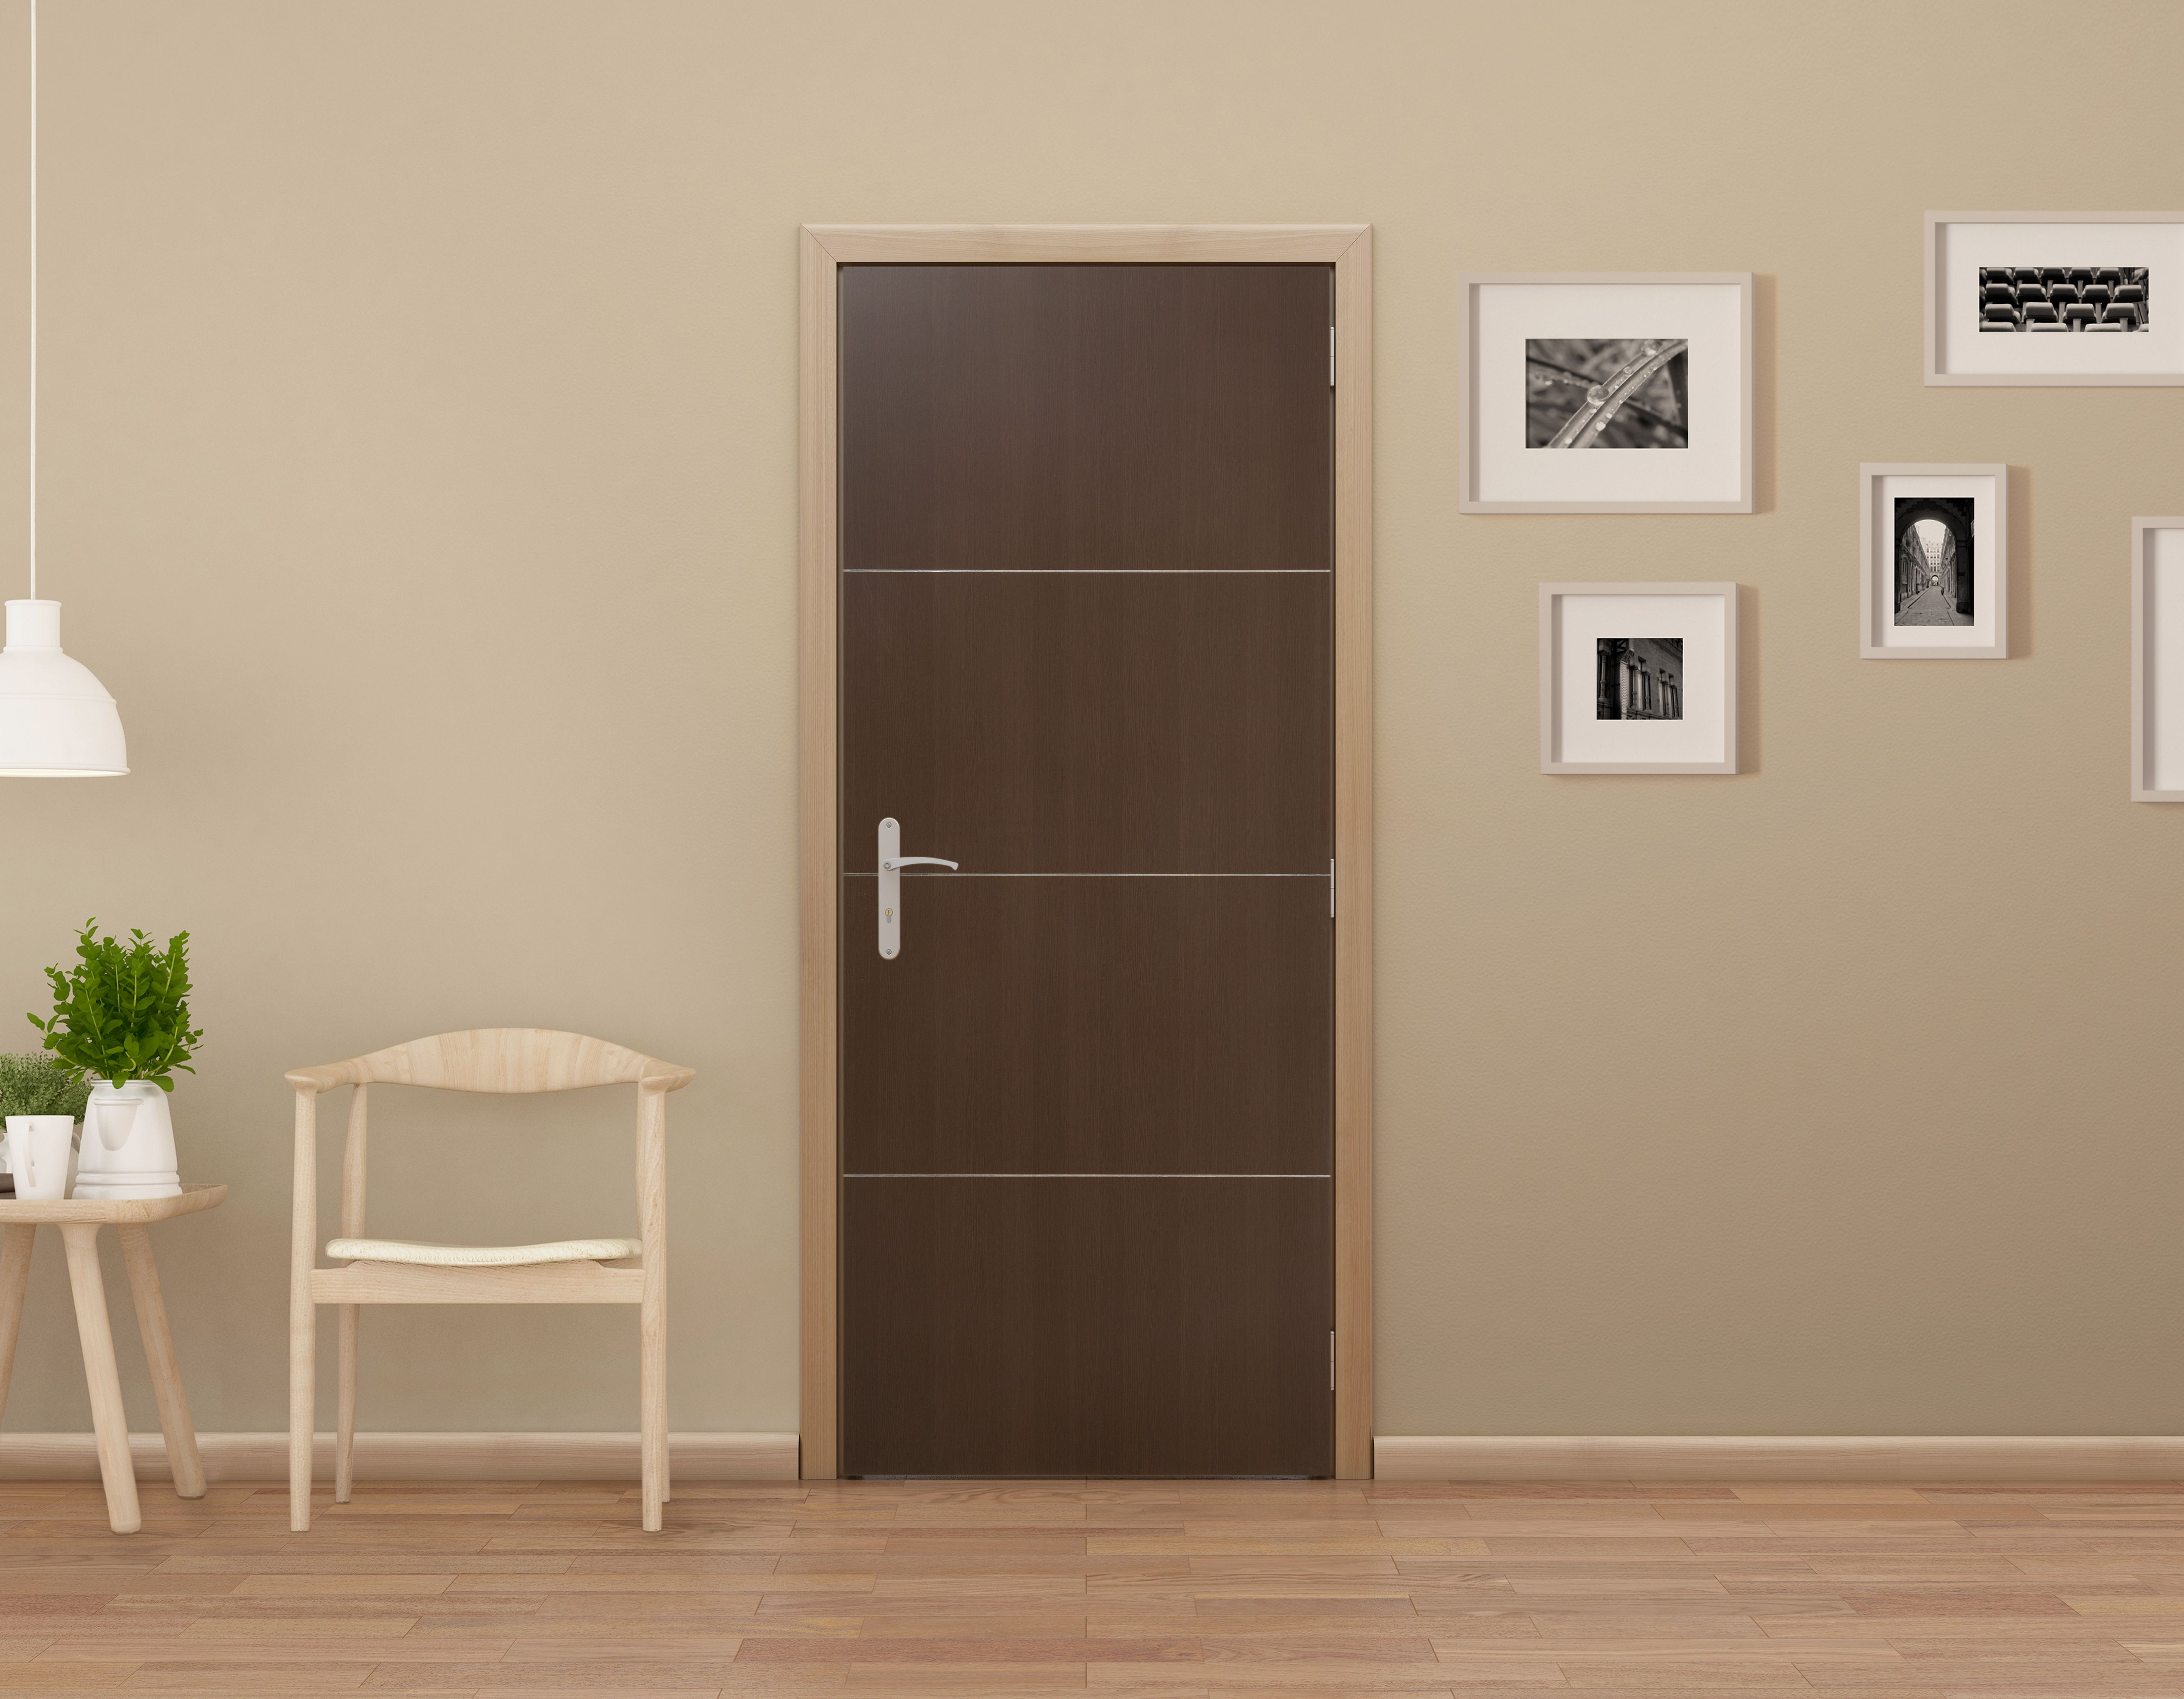 Puerta caf lodge 90 x 213 cm procesos en madera puertas - Colores de puertas de madera interiores ...